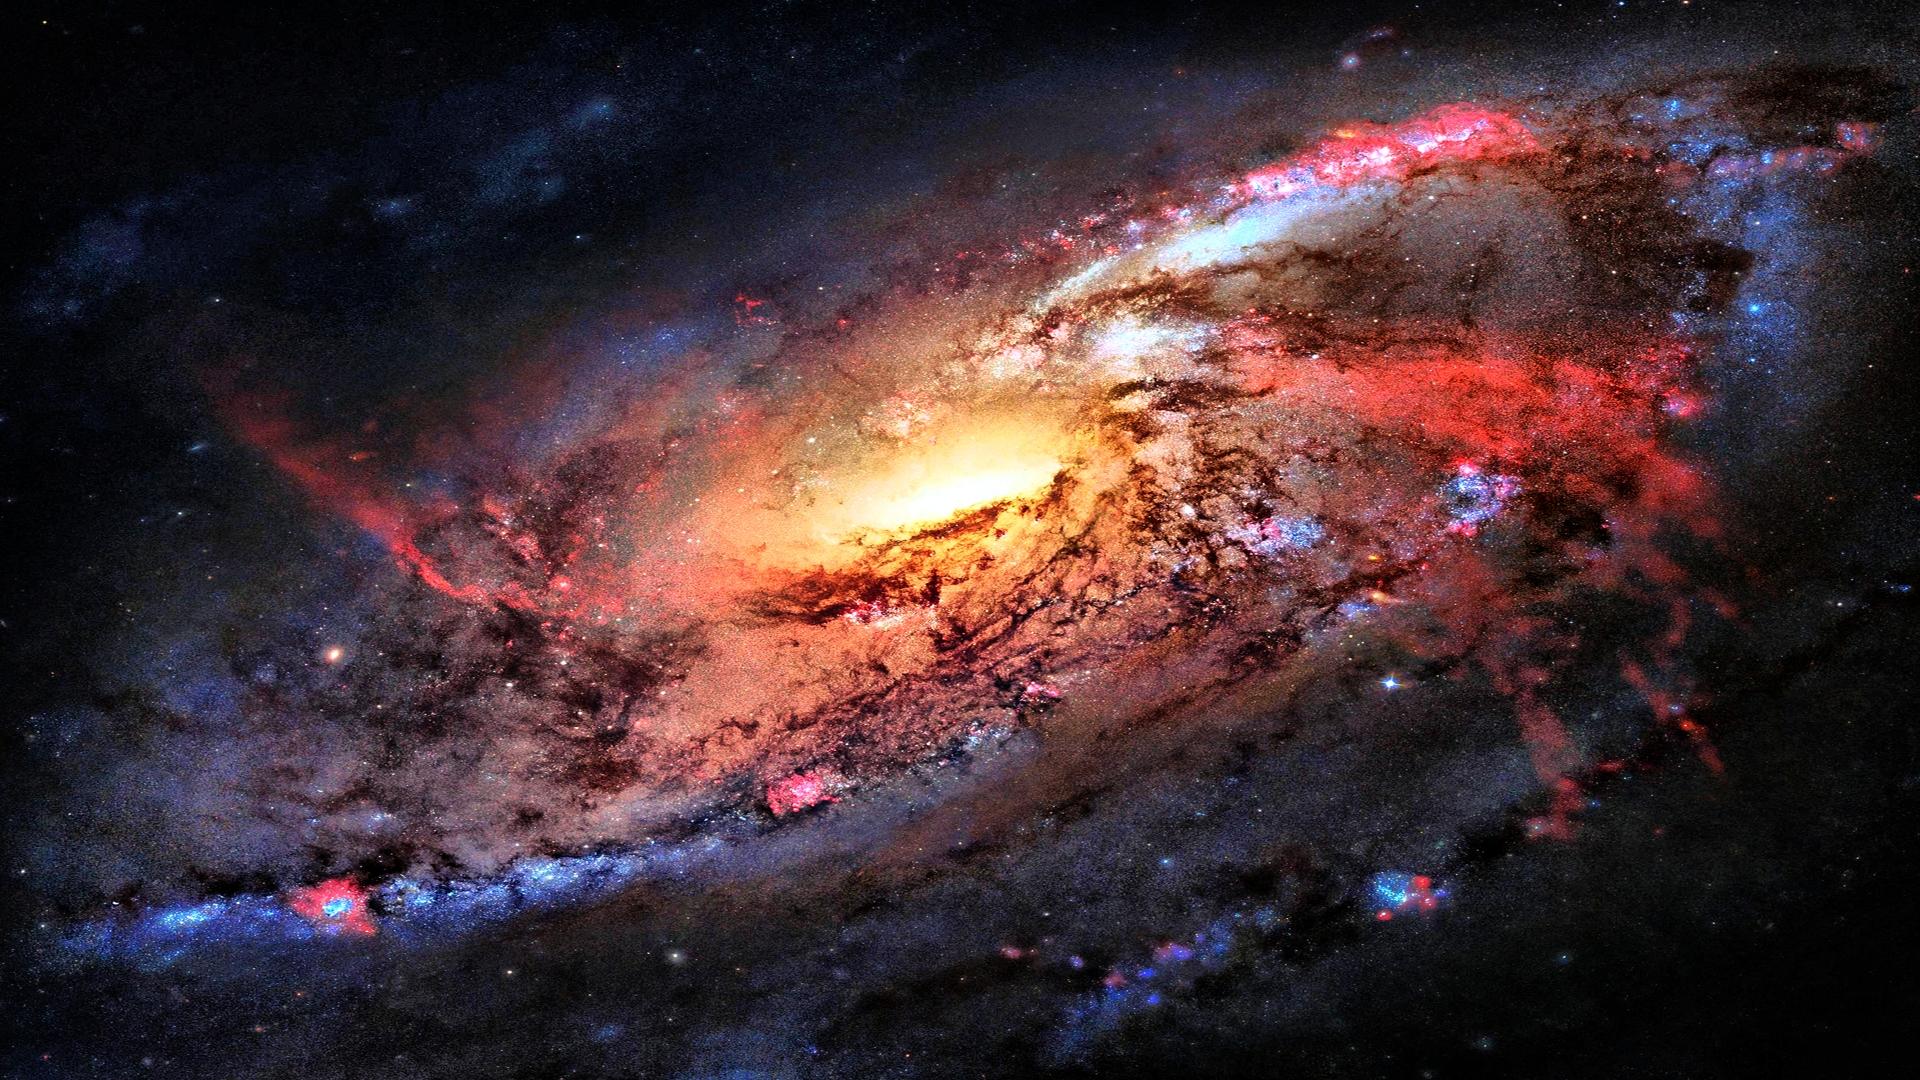 Space Sky Wallpaper HD